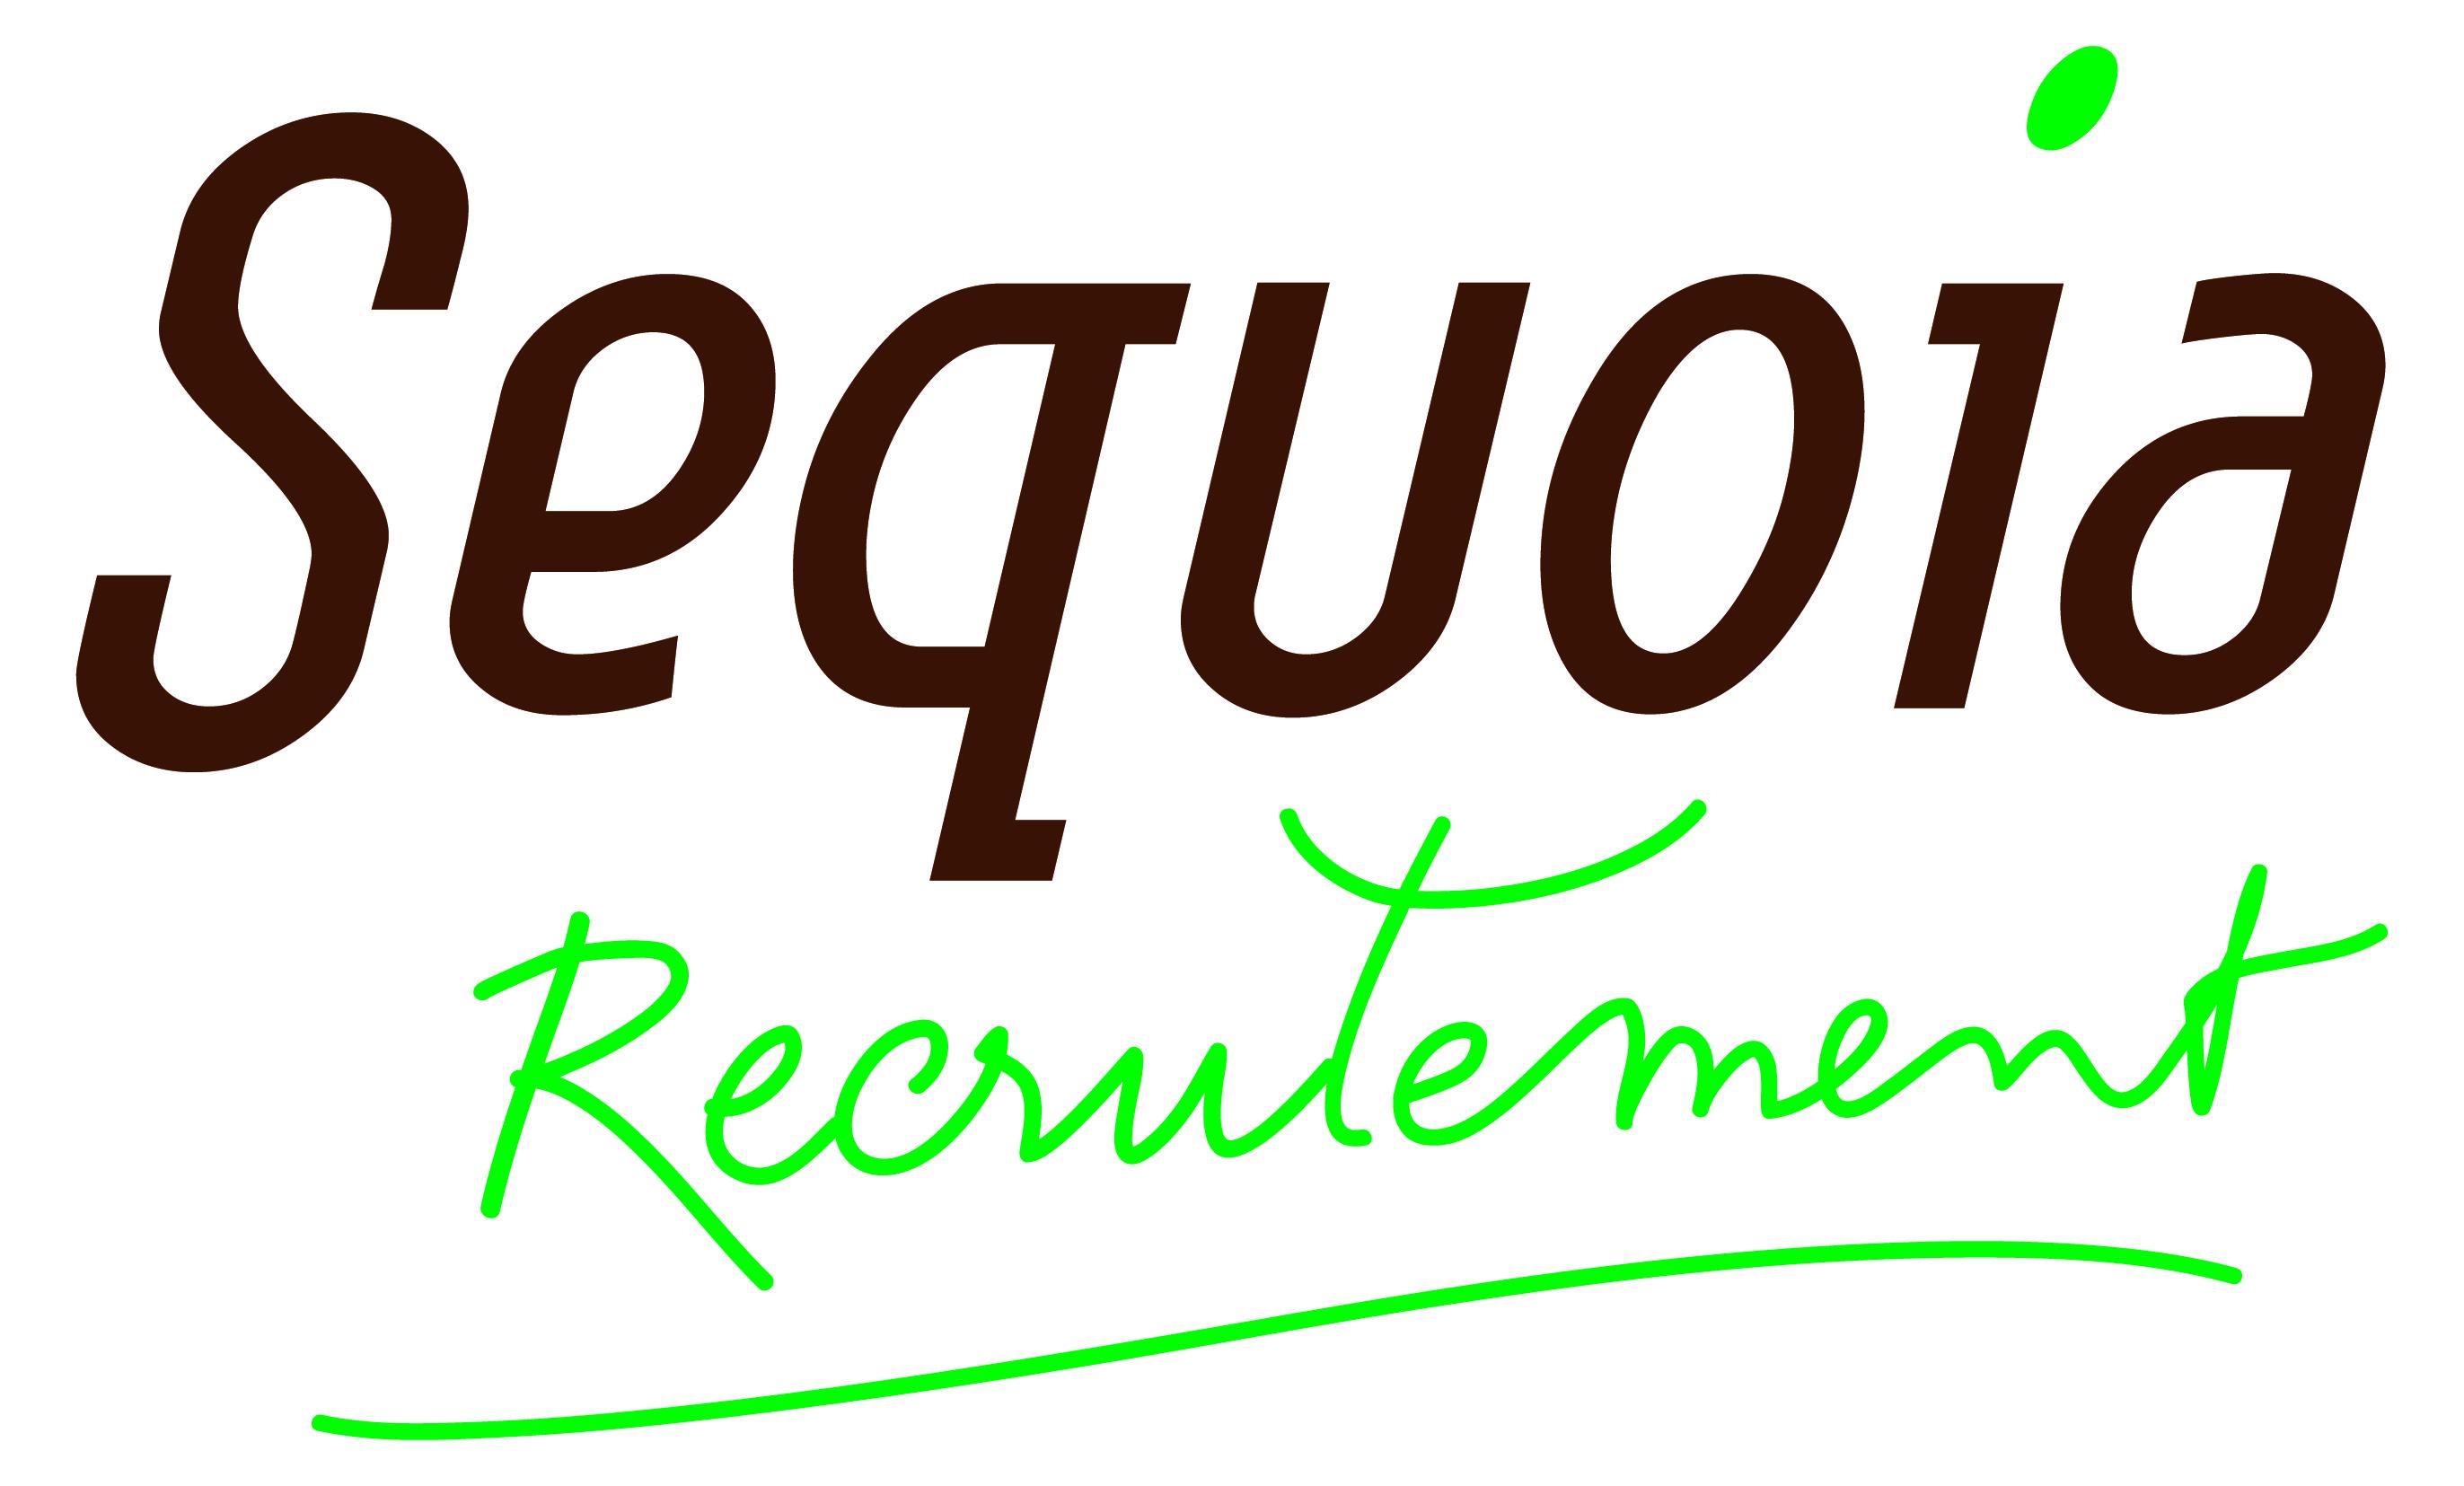 Sequoia Recrutement